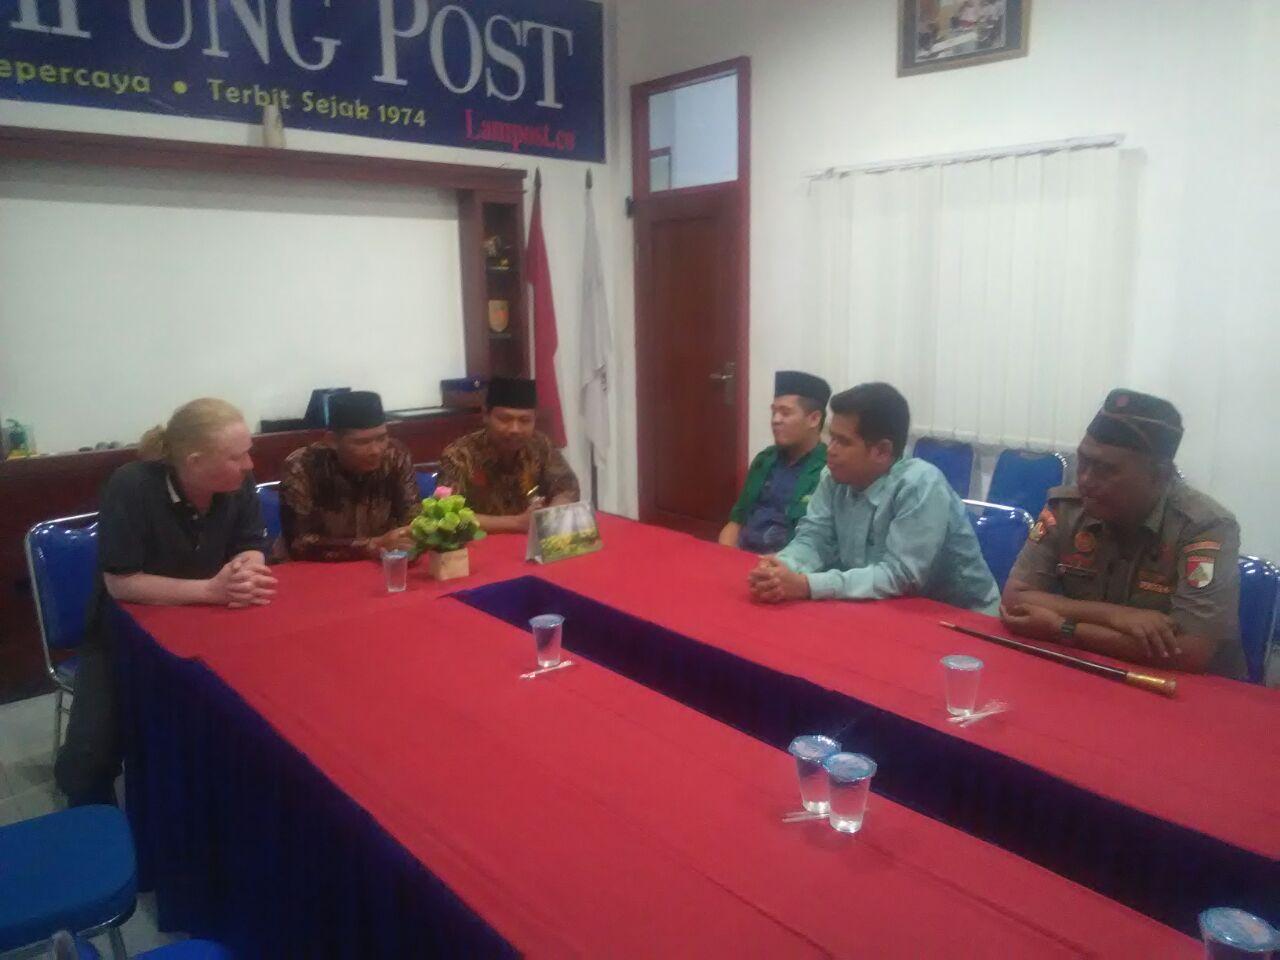 PC NU Agendakan Diskusi Menjaga Persatuan dalam Kebinekaan